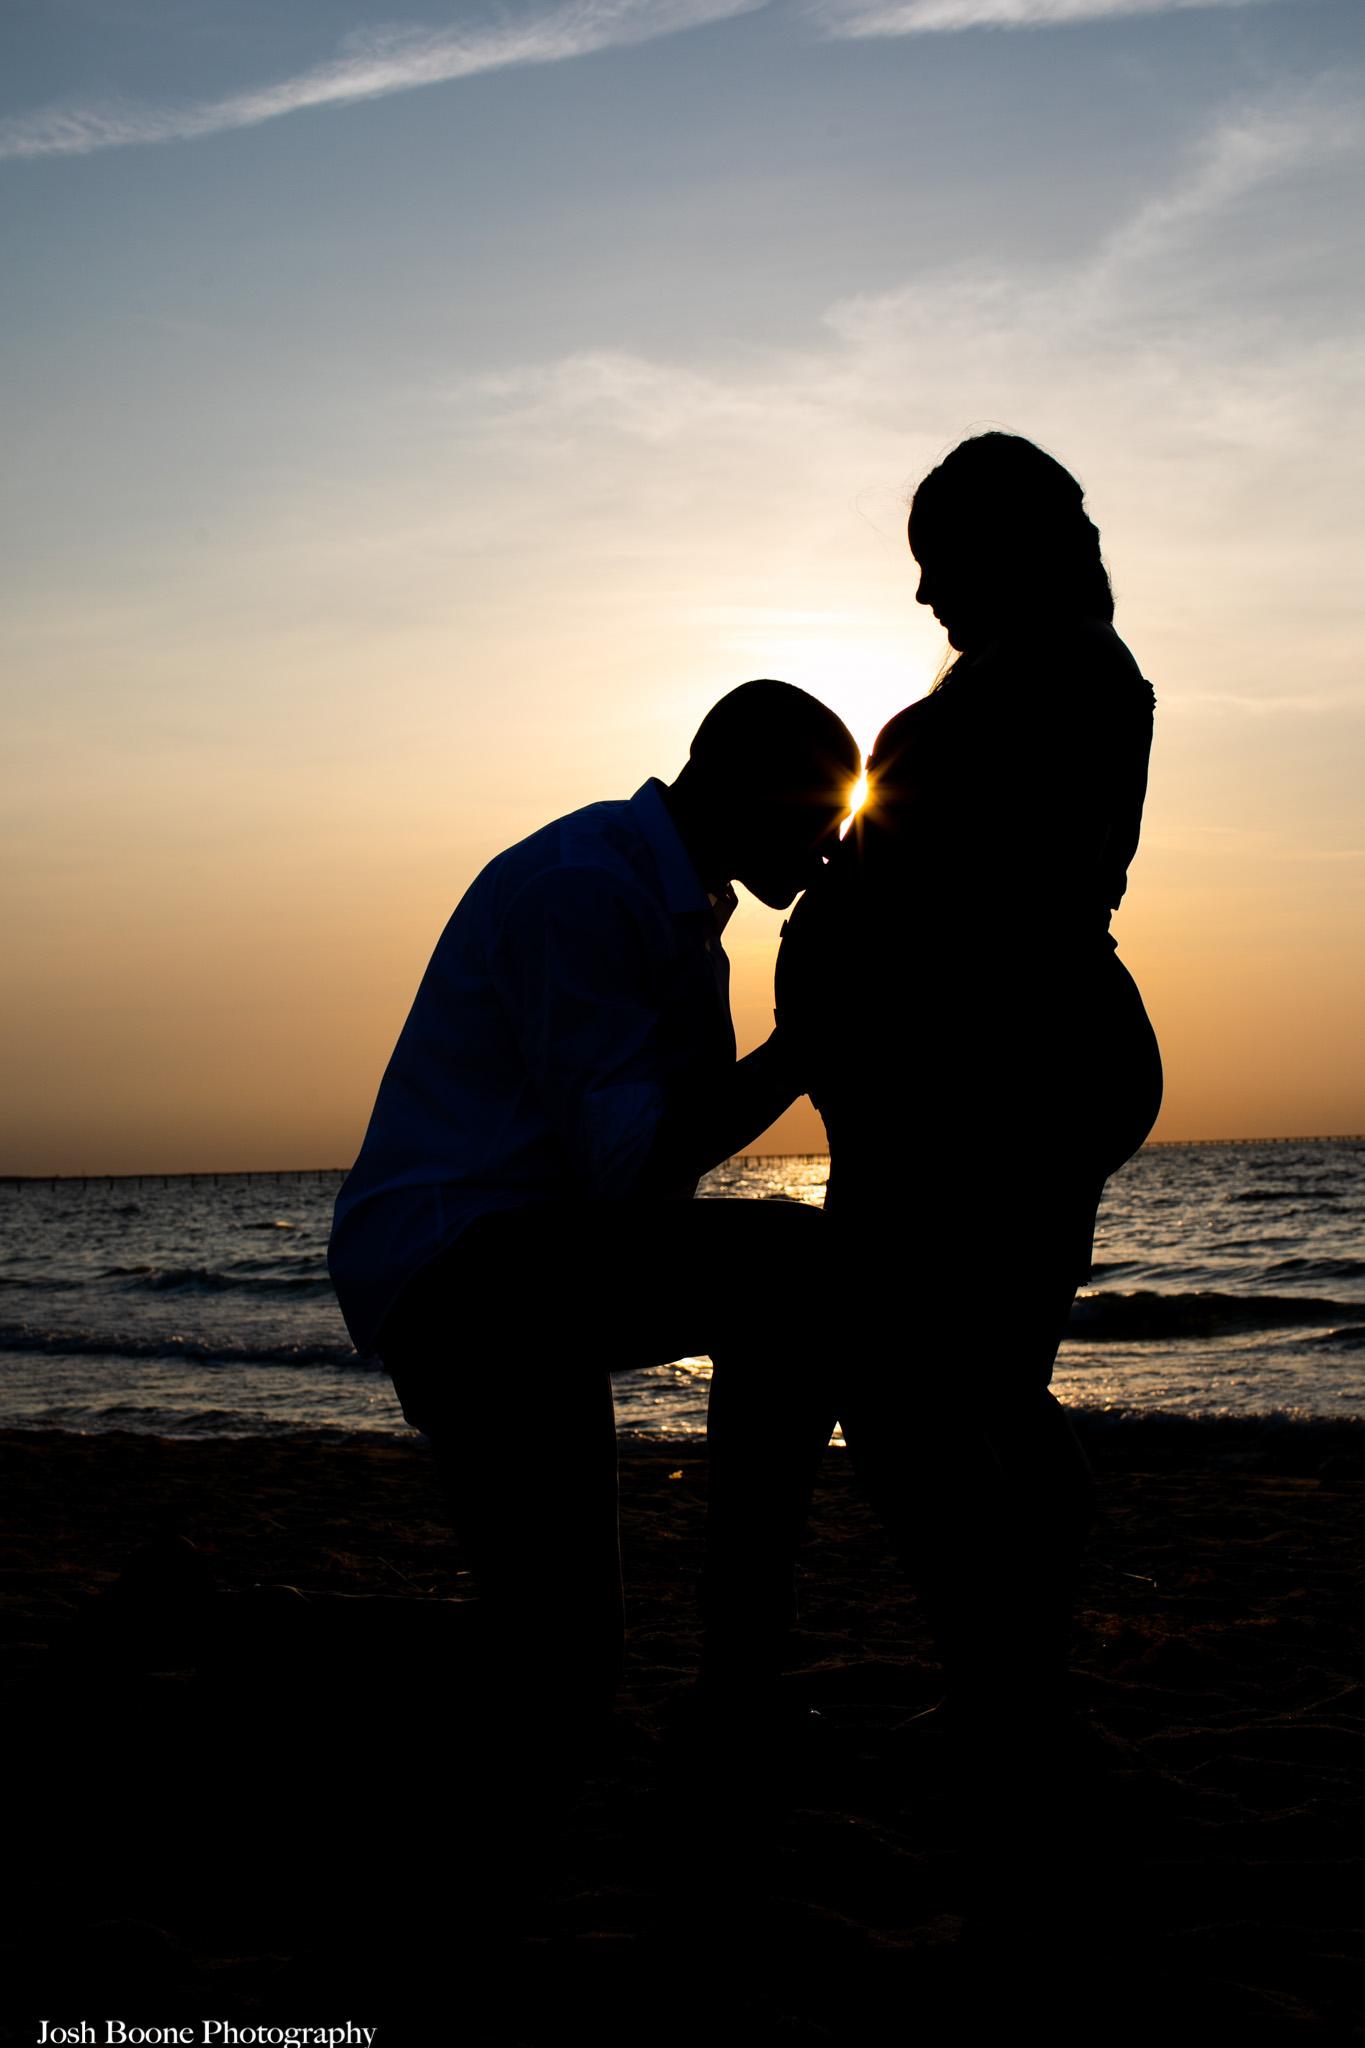 pleasure_house_point_maternity_photos-14.jpg